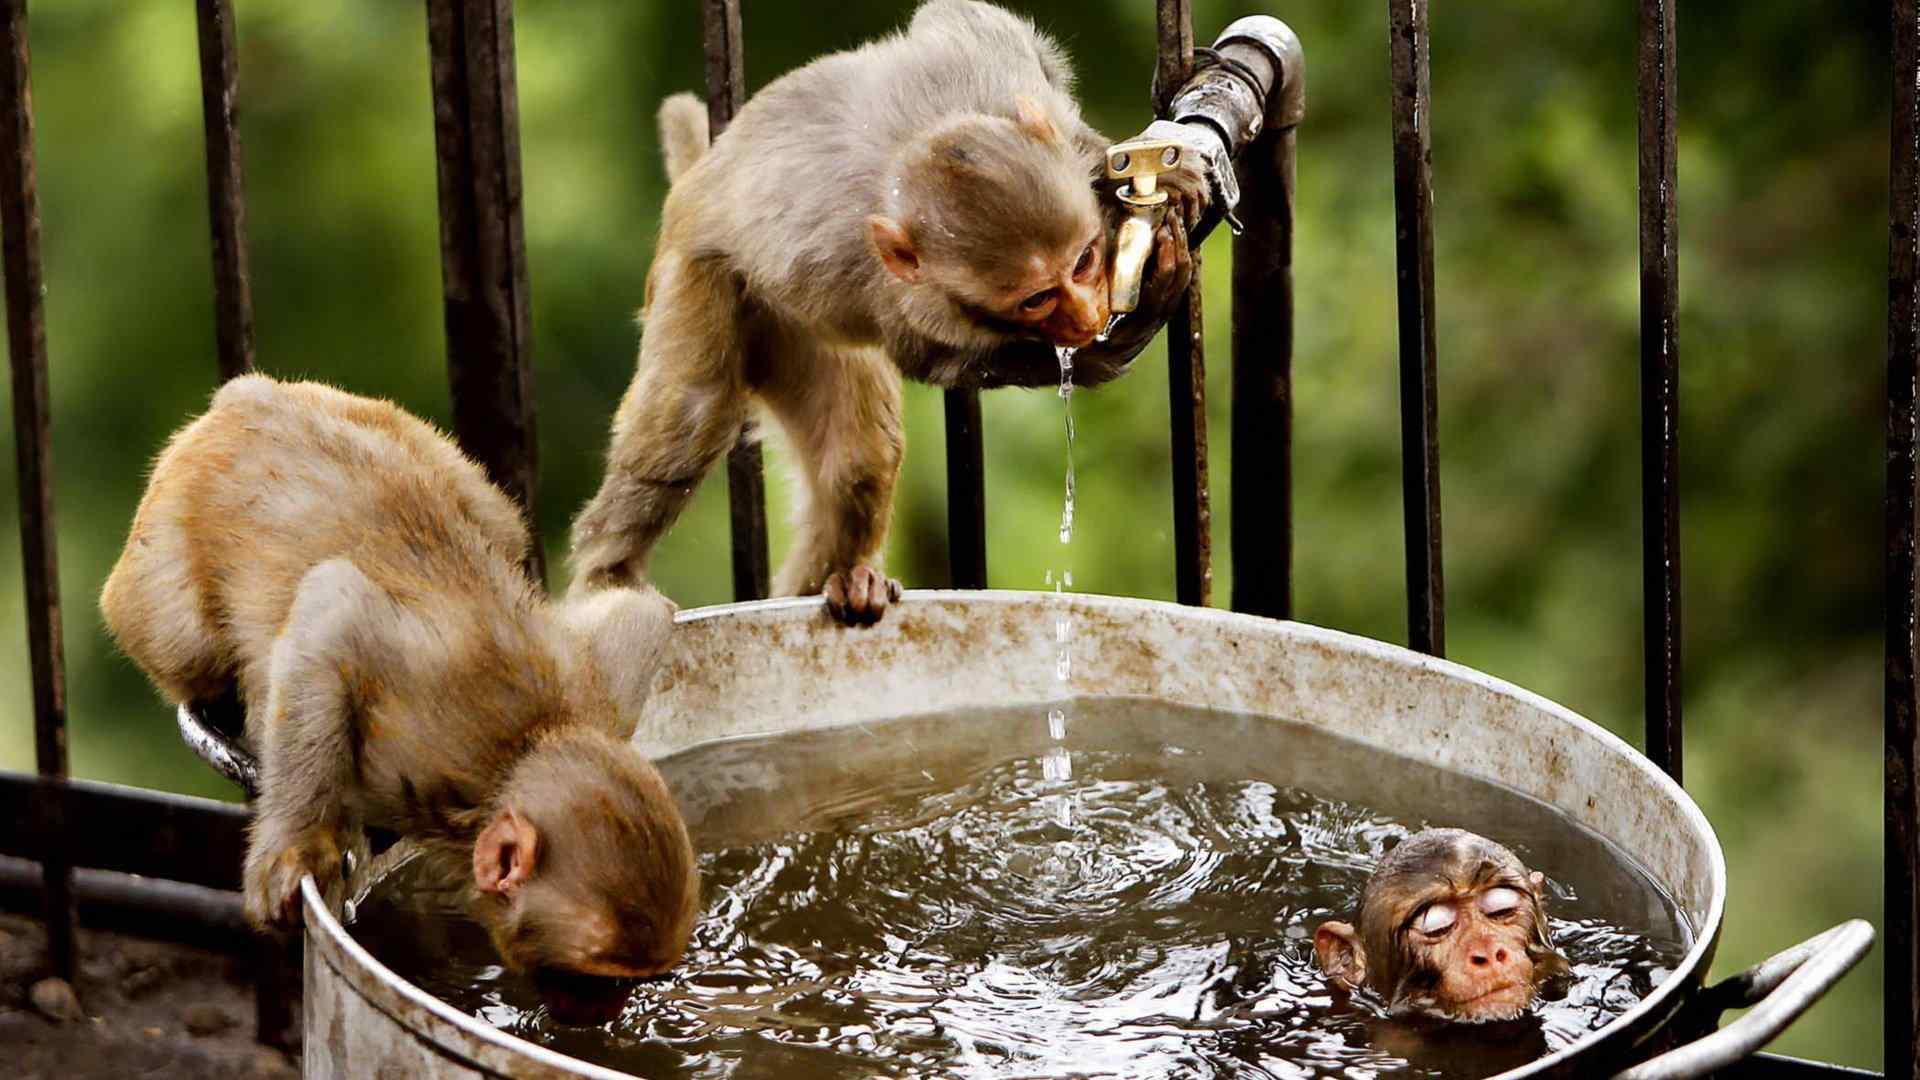 呆萌可爱的小猴子摄影图片高清壁纸,猴子,是三种类人猿灵长目动物的成员,灵长目是动物界的种群,猴子一般大脑发达,眼眶朝向前方,眶间距窄,手和脚的趾(指)分开,大拇指灵活,多数能与其他趾(指)对握。包括原猴亚目和猿猴亚目。欢迎继续关注桌面天下寻找更多你喜欢的优质壁纸图片。